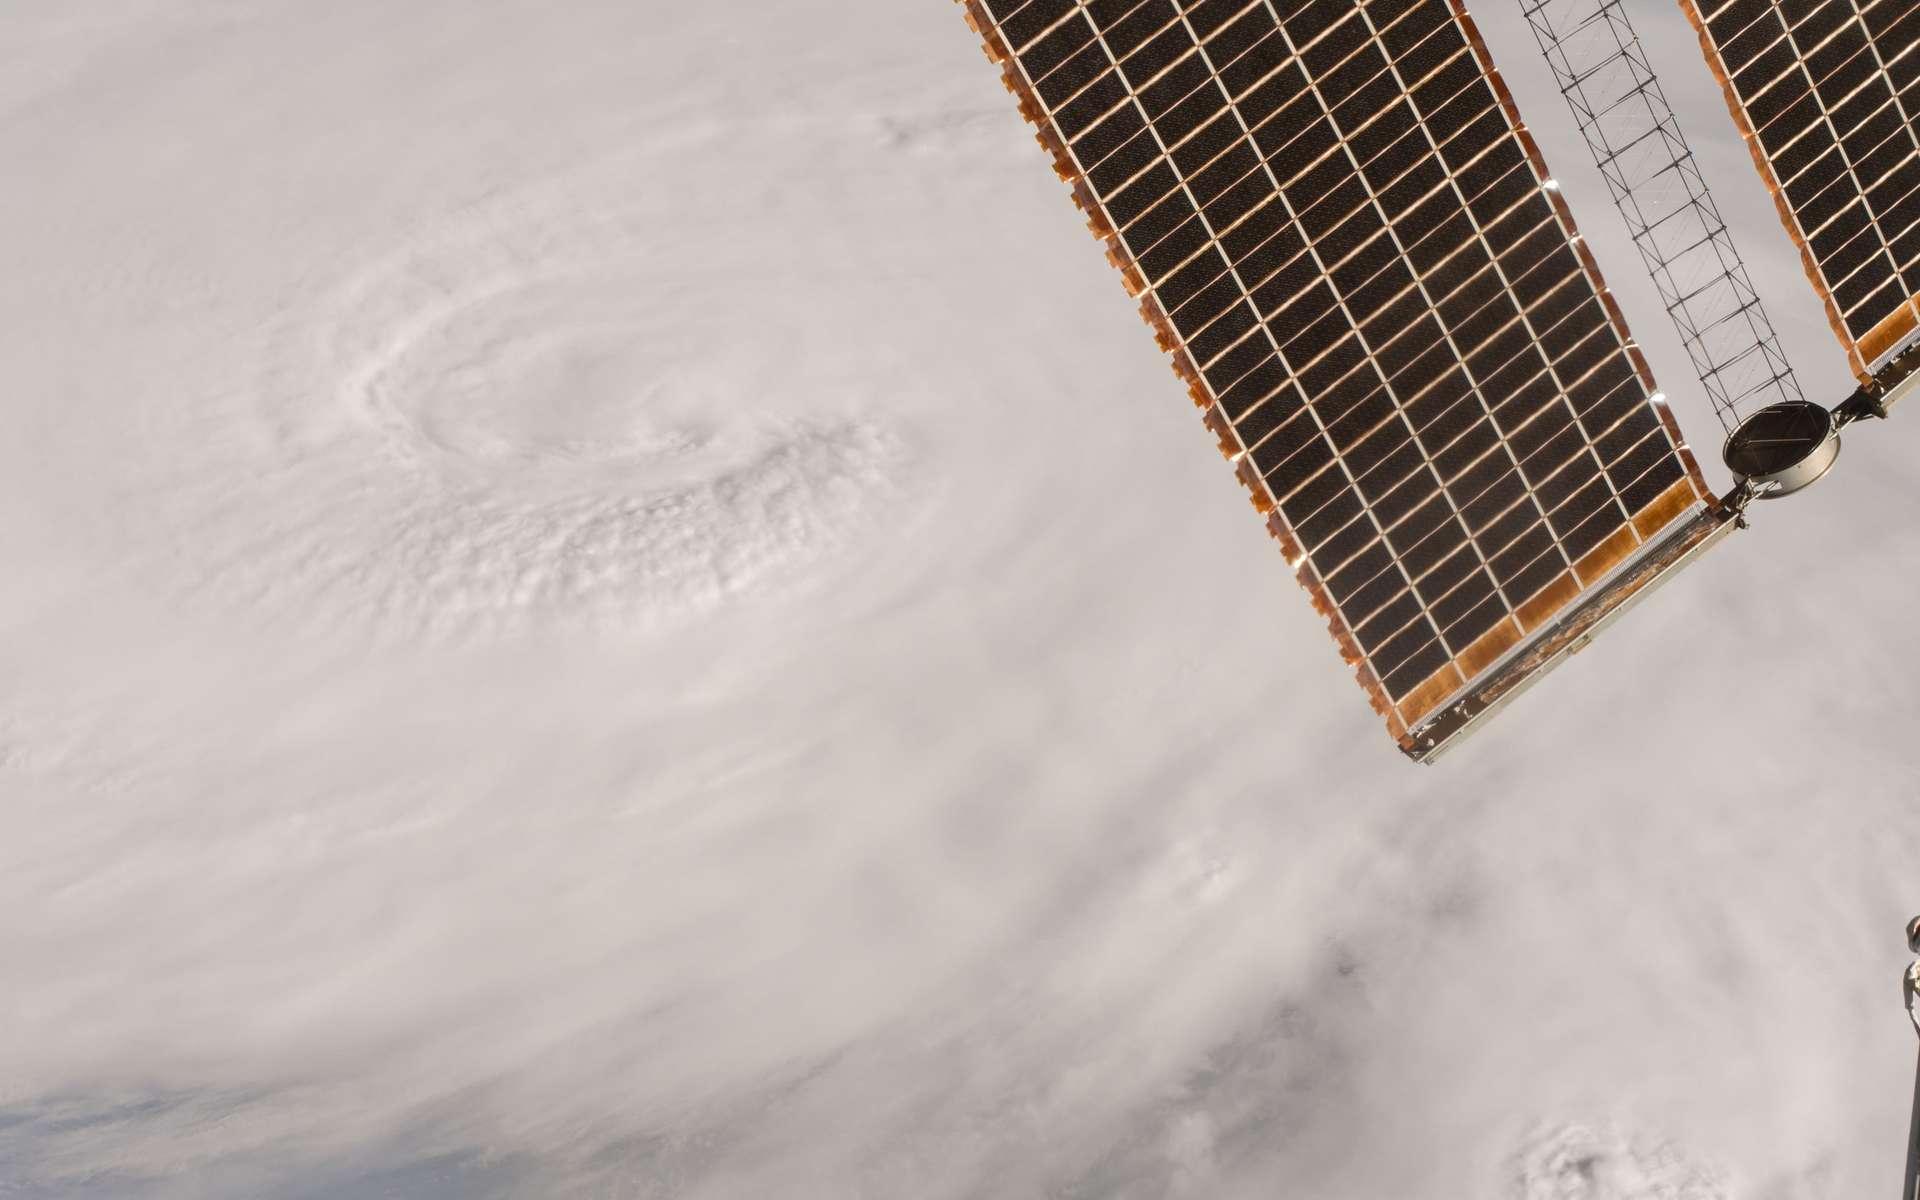 Image prise par Kate Rubins, à bord de la Station spatiale internationale, le 4 octobre alors que l'ouragan Matthew frappait Haïti. © Nasa